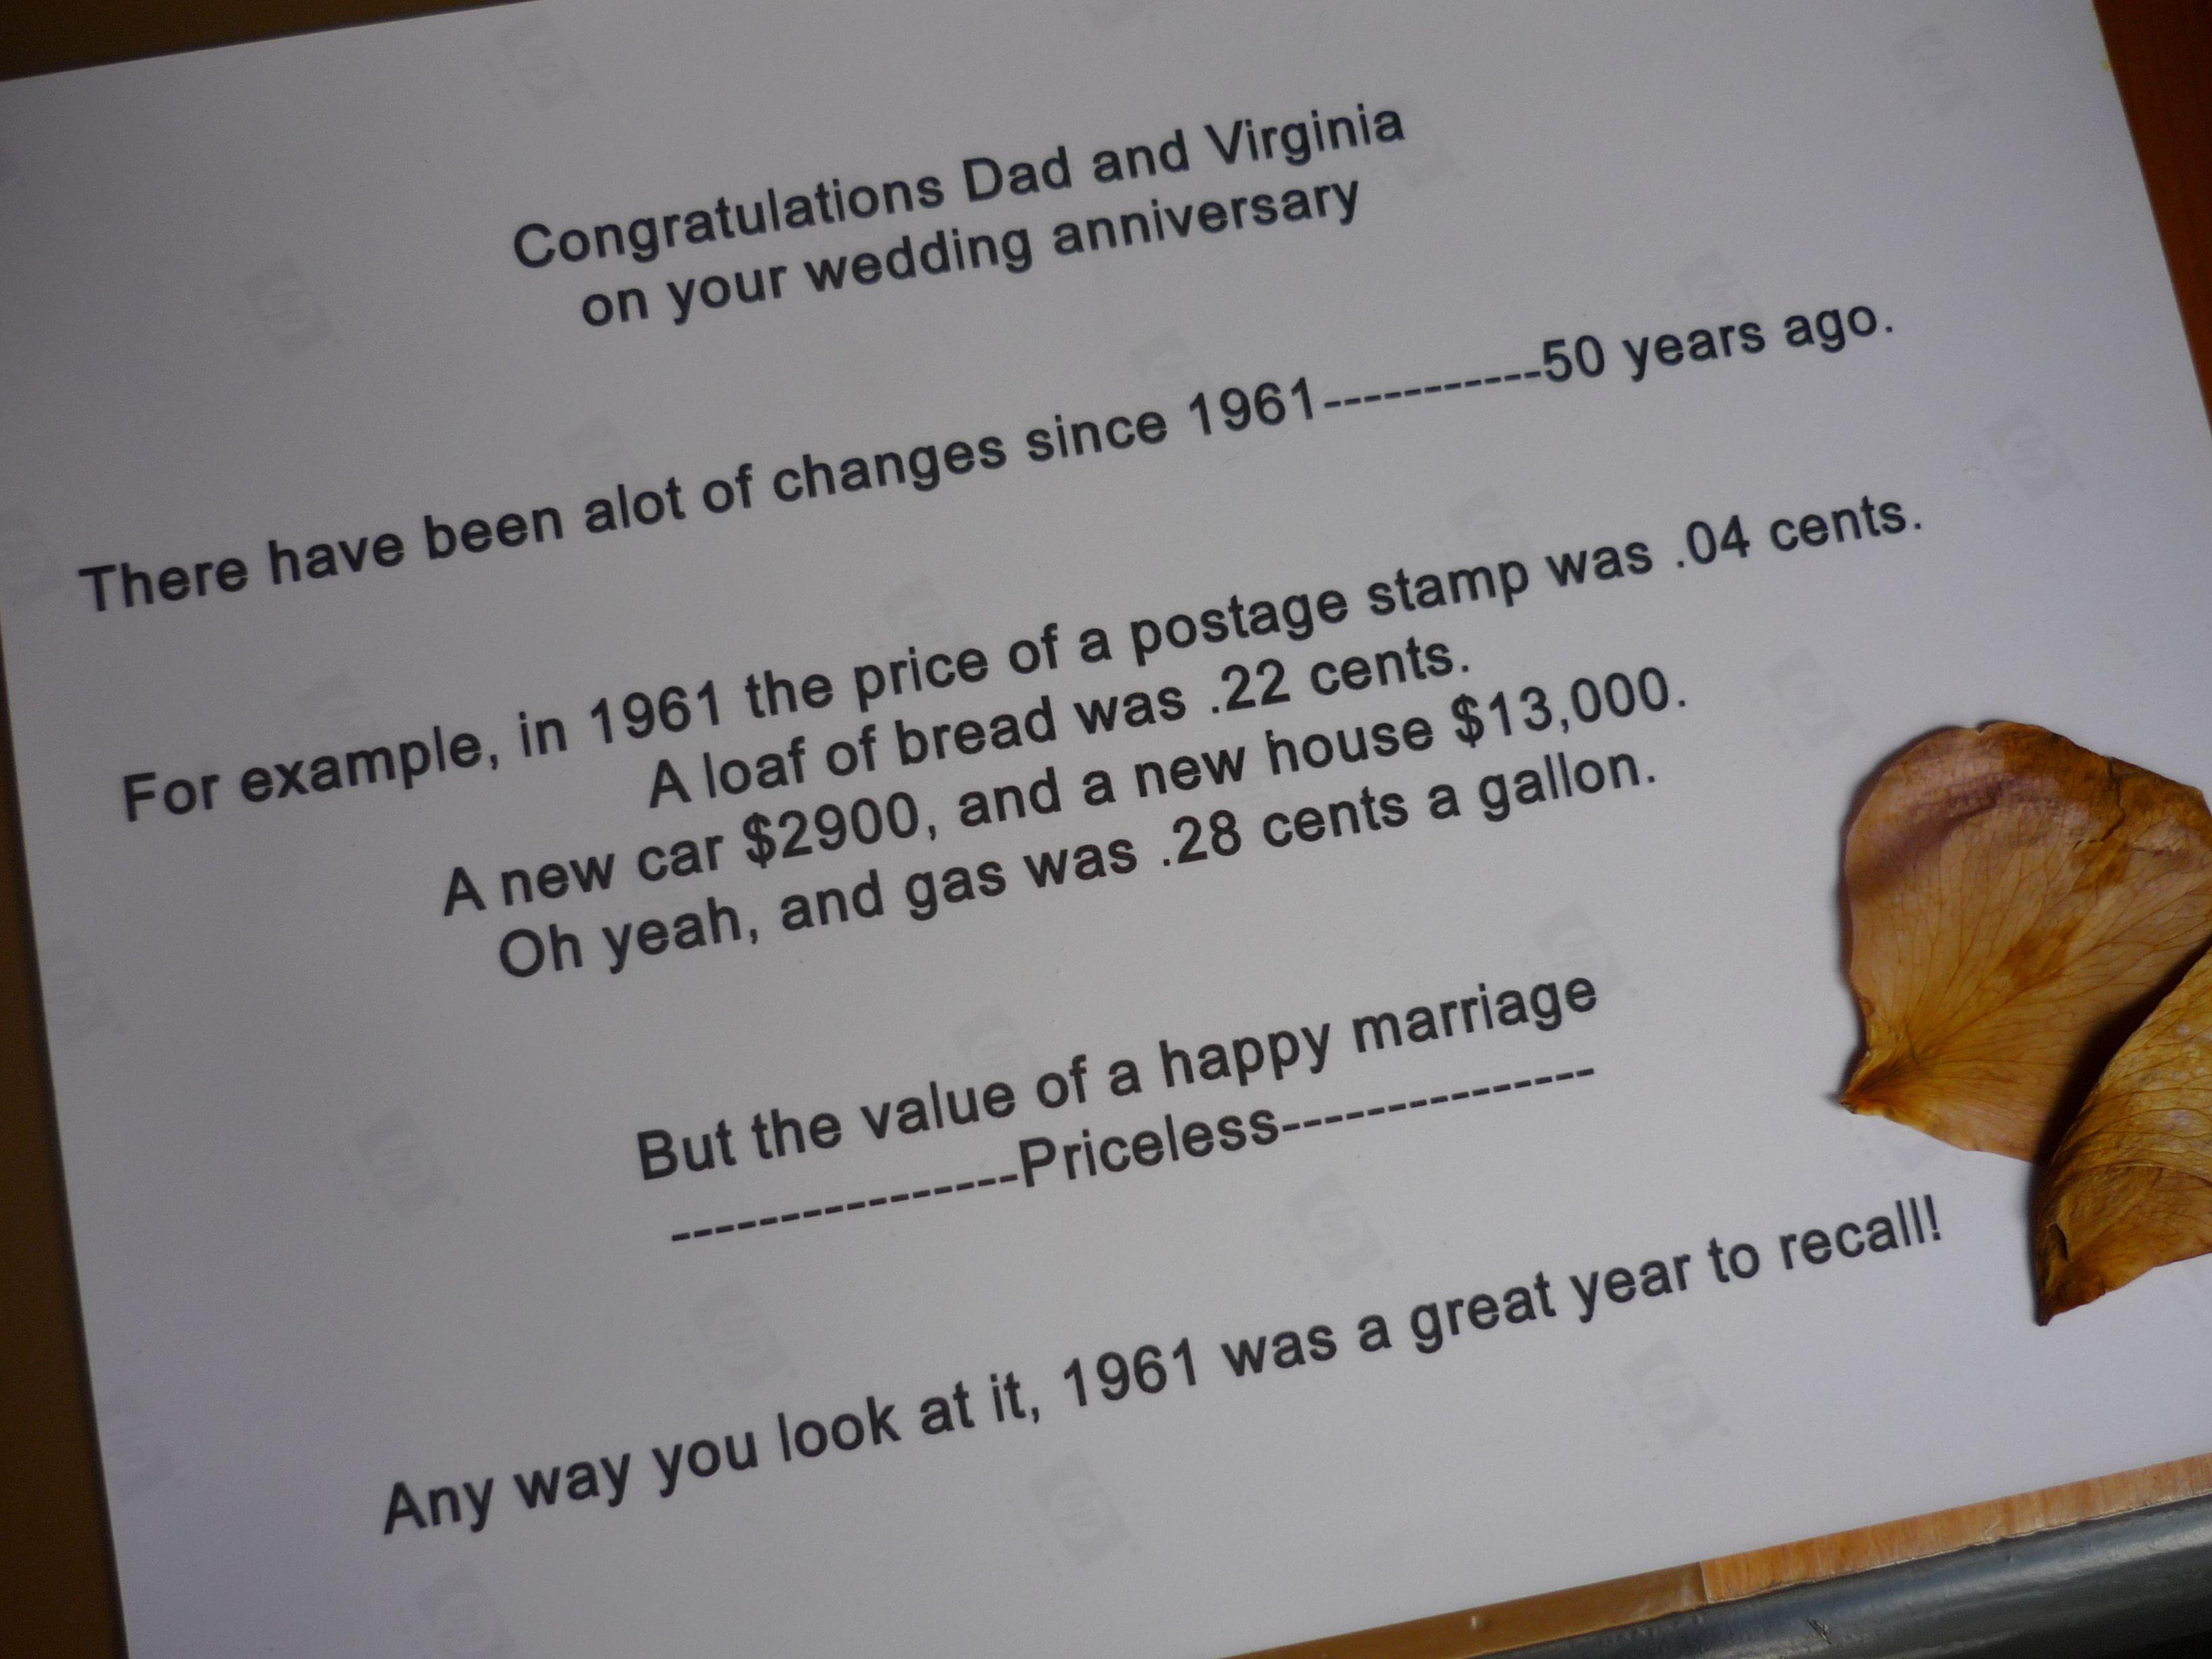 Pin By Juanita Bratton On Golden Wedding Anniversary 50th Wedding Anniversary Party 50th Anniversary Party 50th Anniversary Toasts